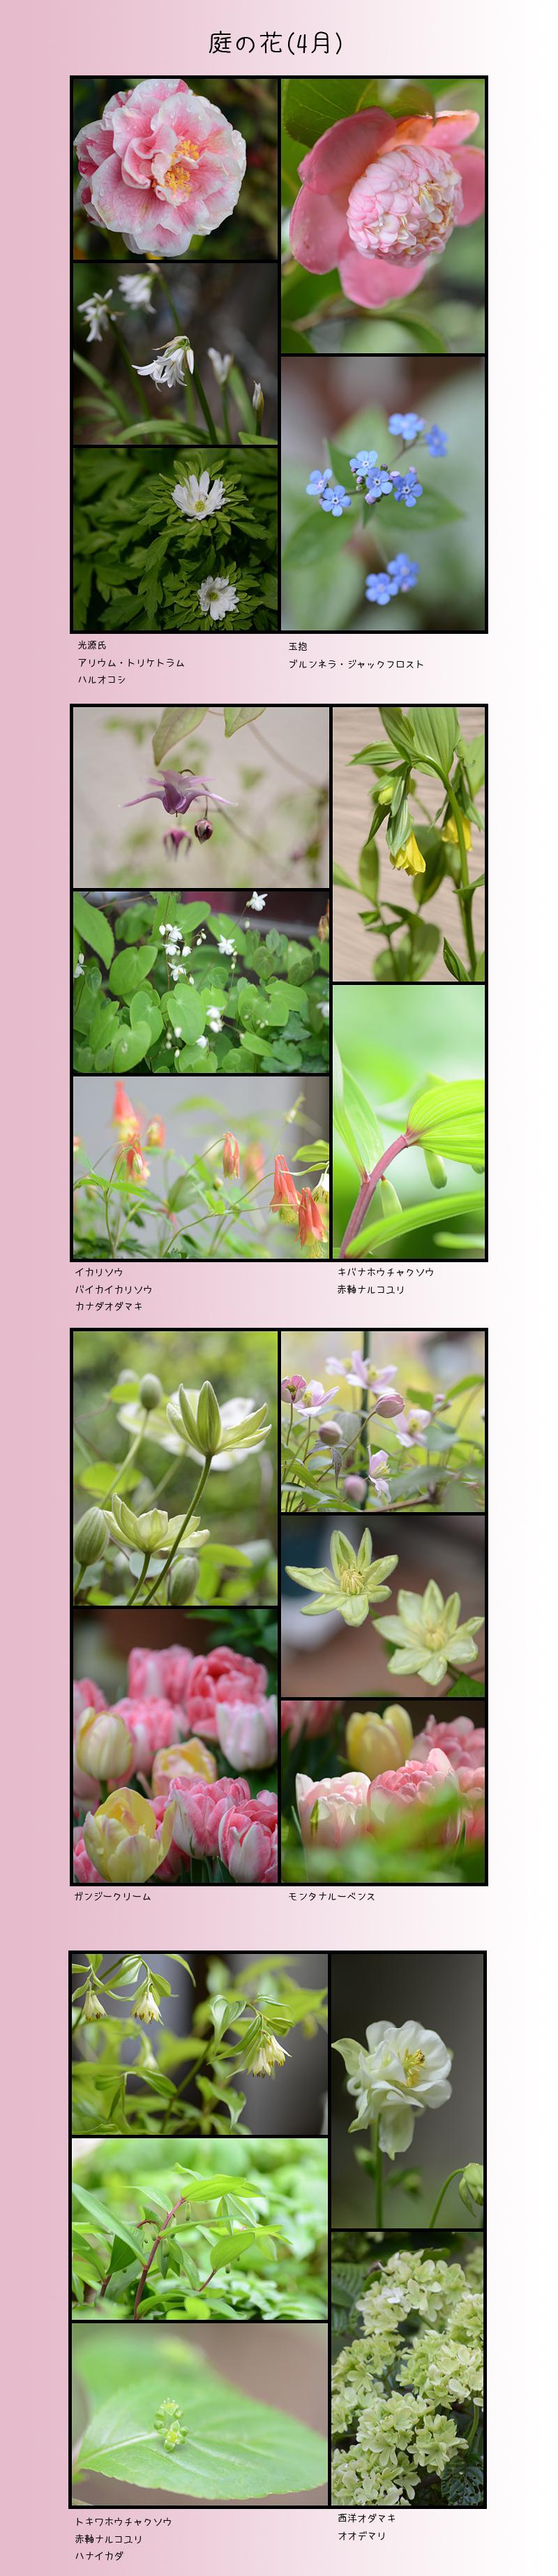 4月29日庭の花1